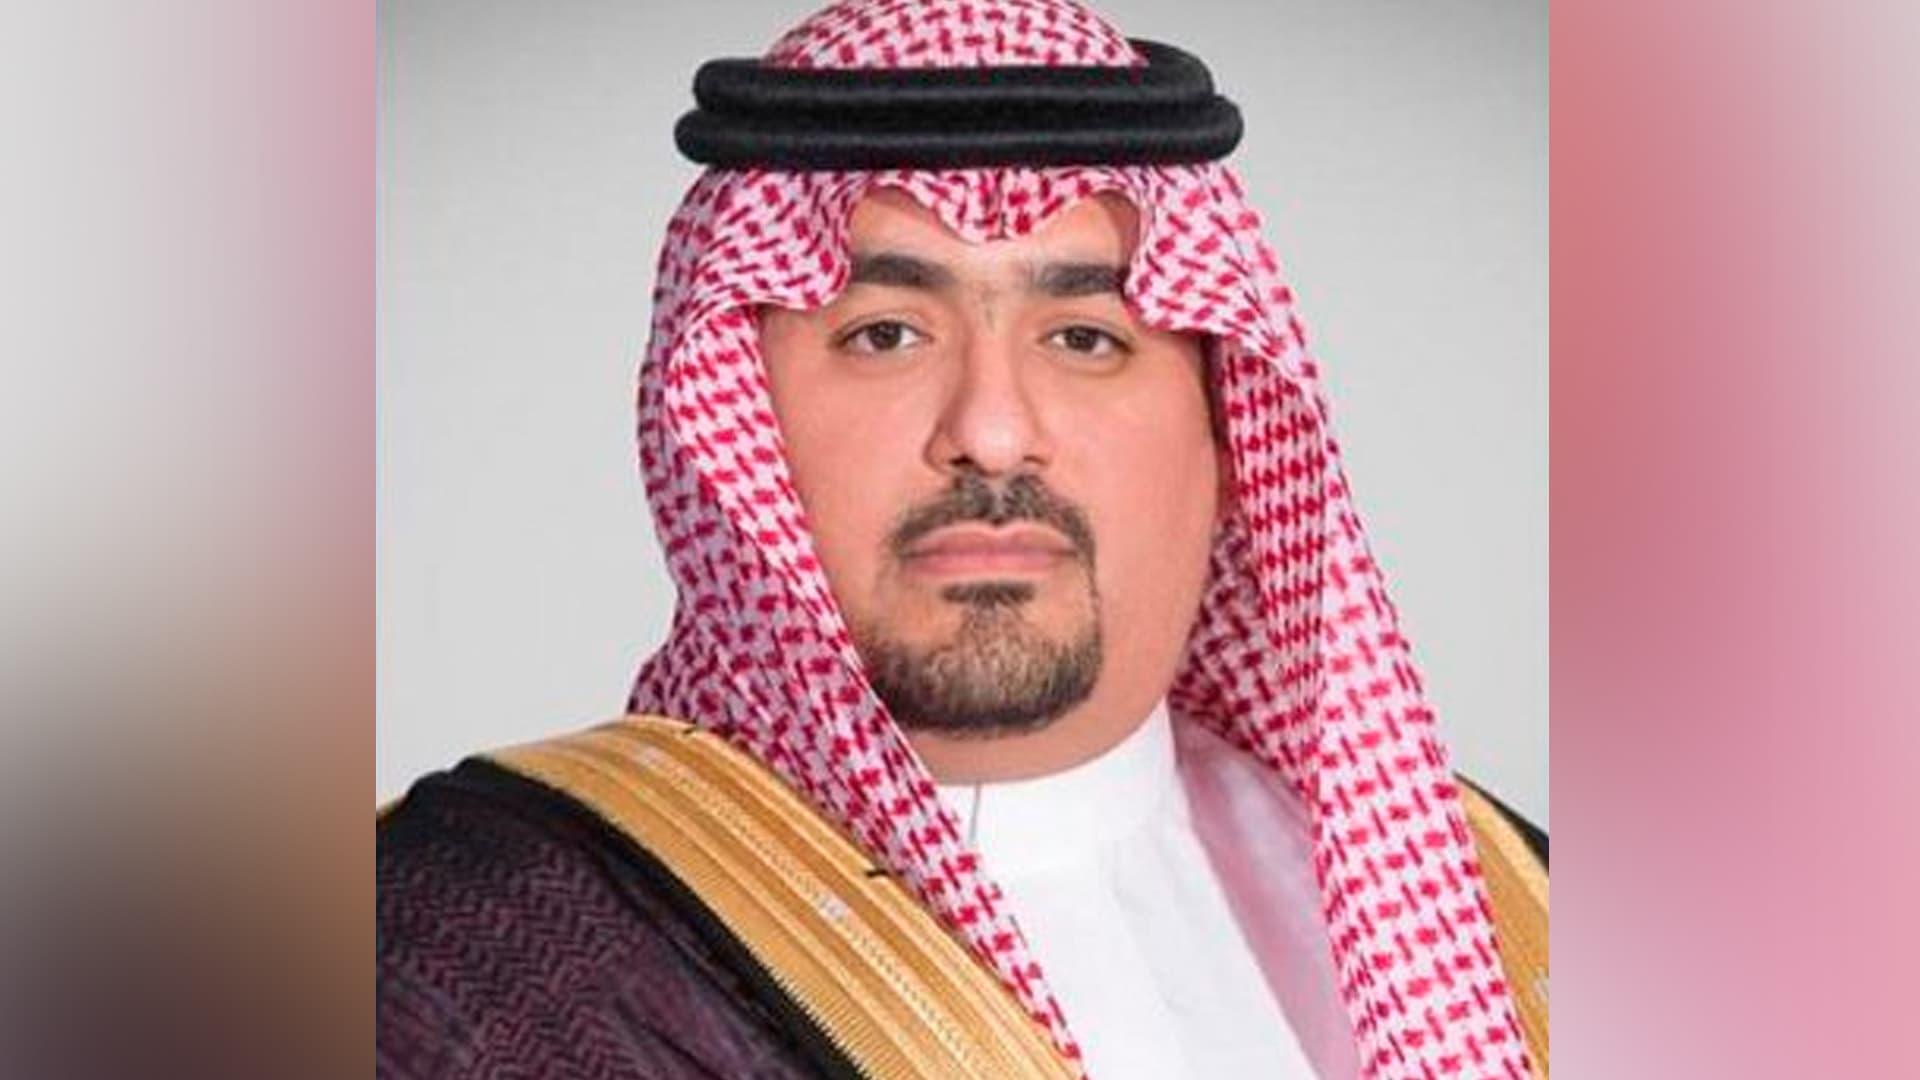 من هو فيصل بن فاضل الإبراهيم وزير الاقتصاد والتخطيط السعودي الجديد؟